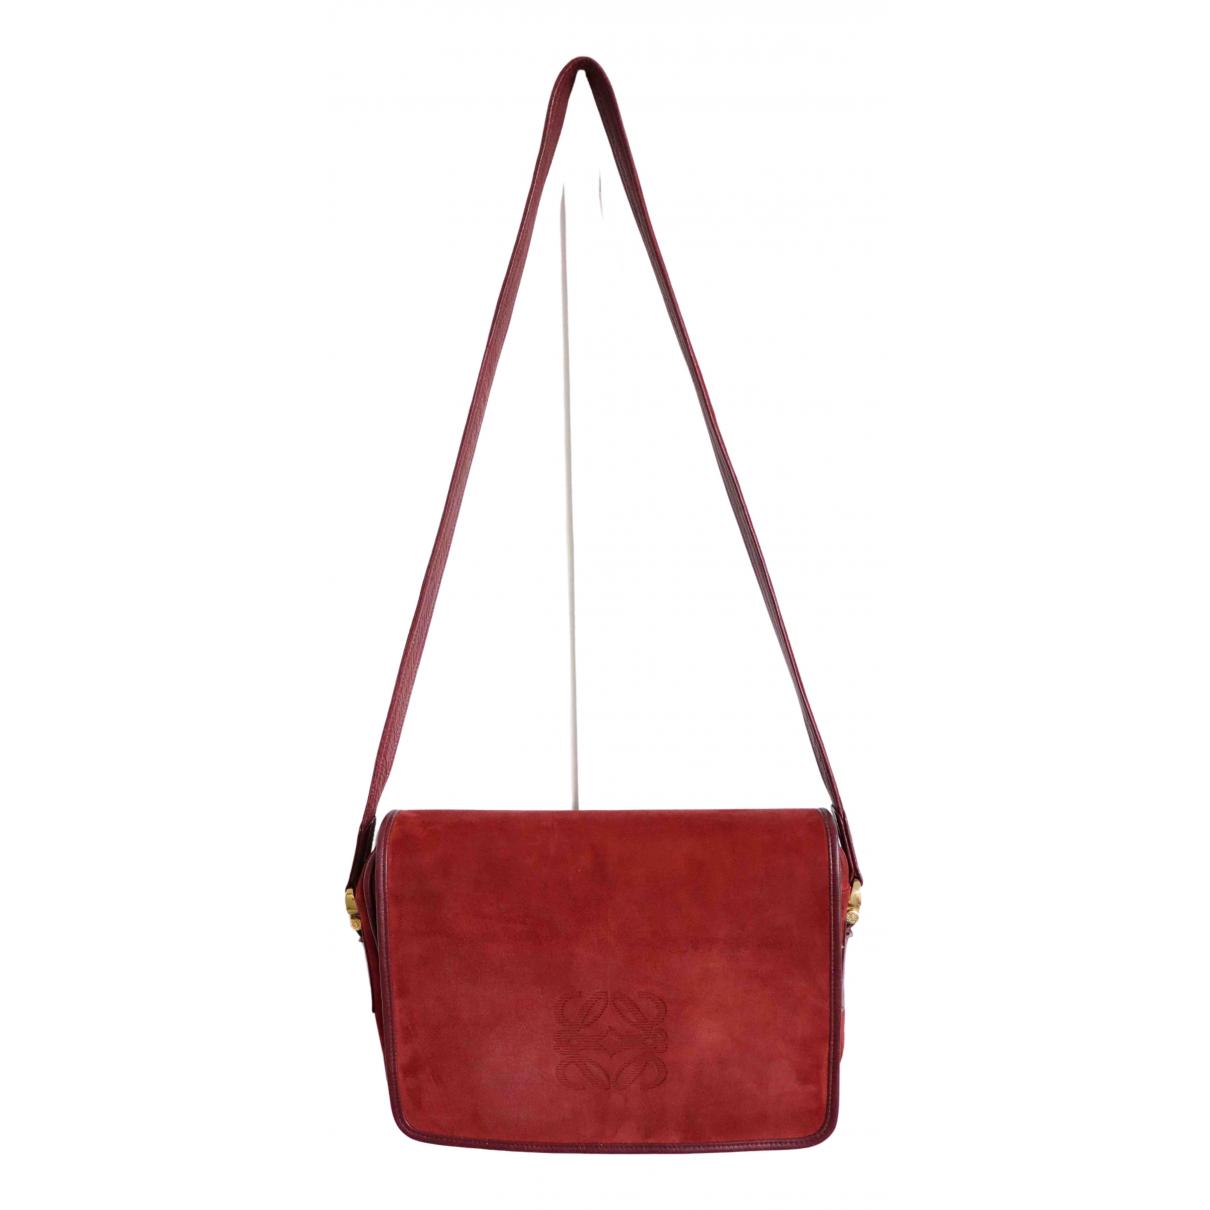 Loewe \N Handtasche in  Rot Veloursleder